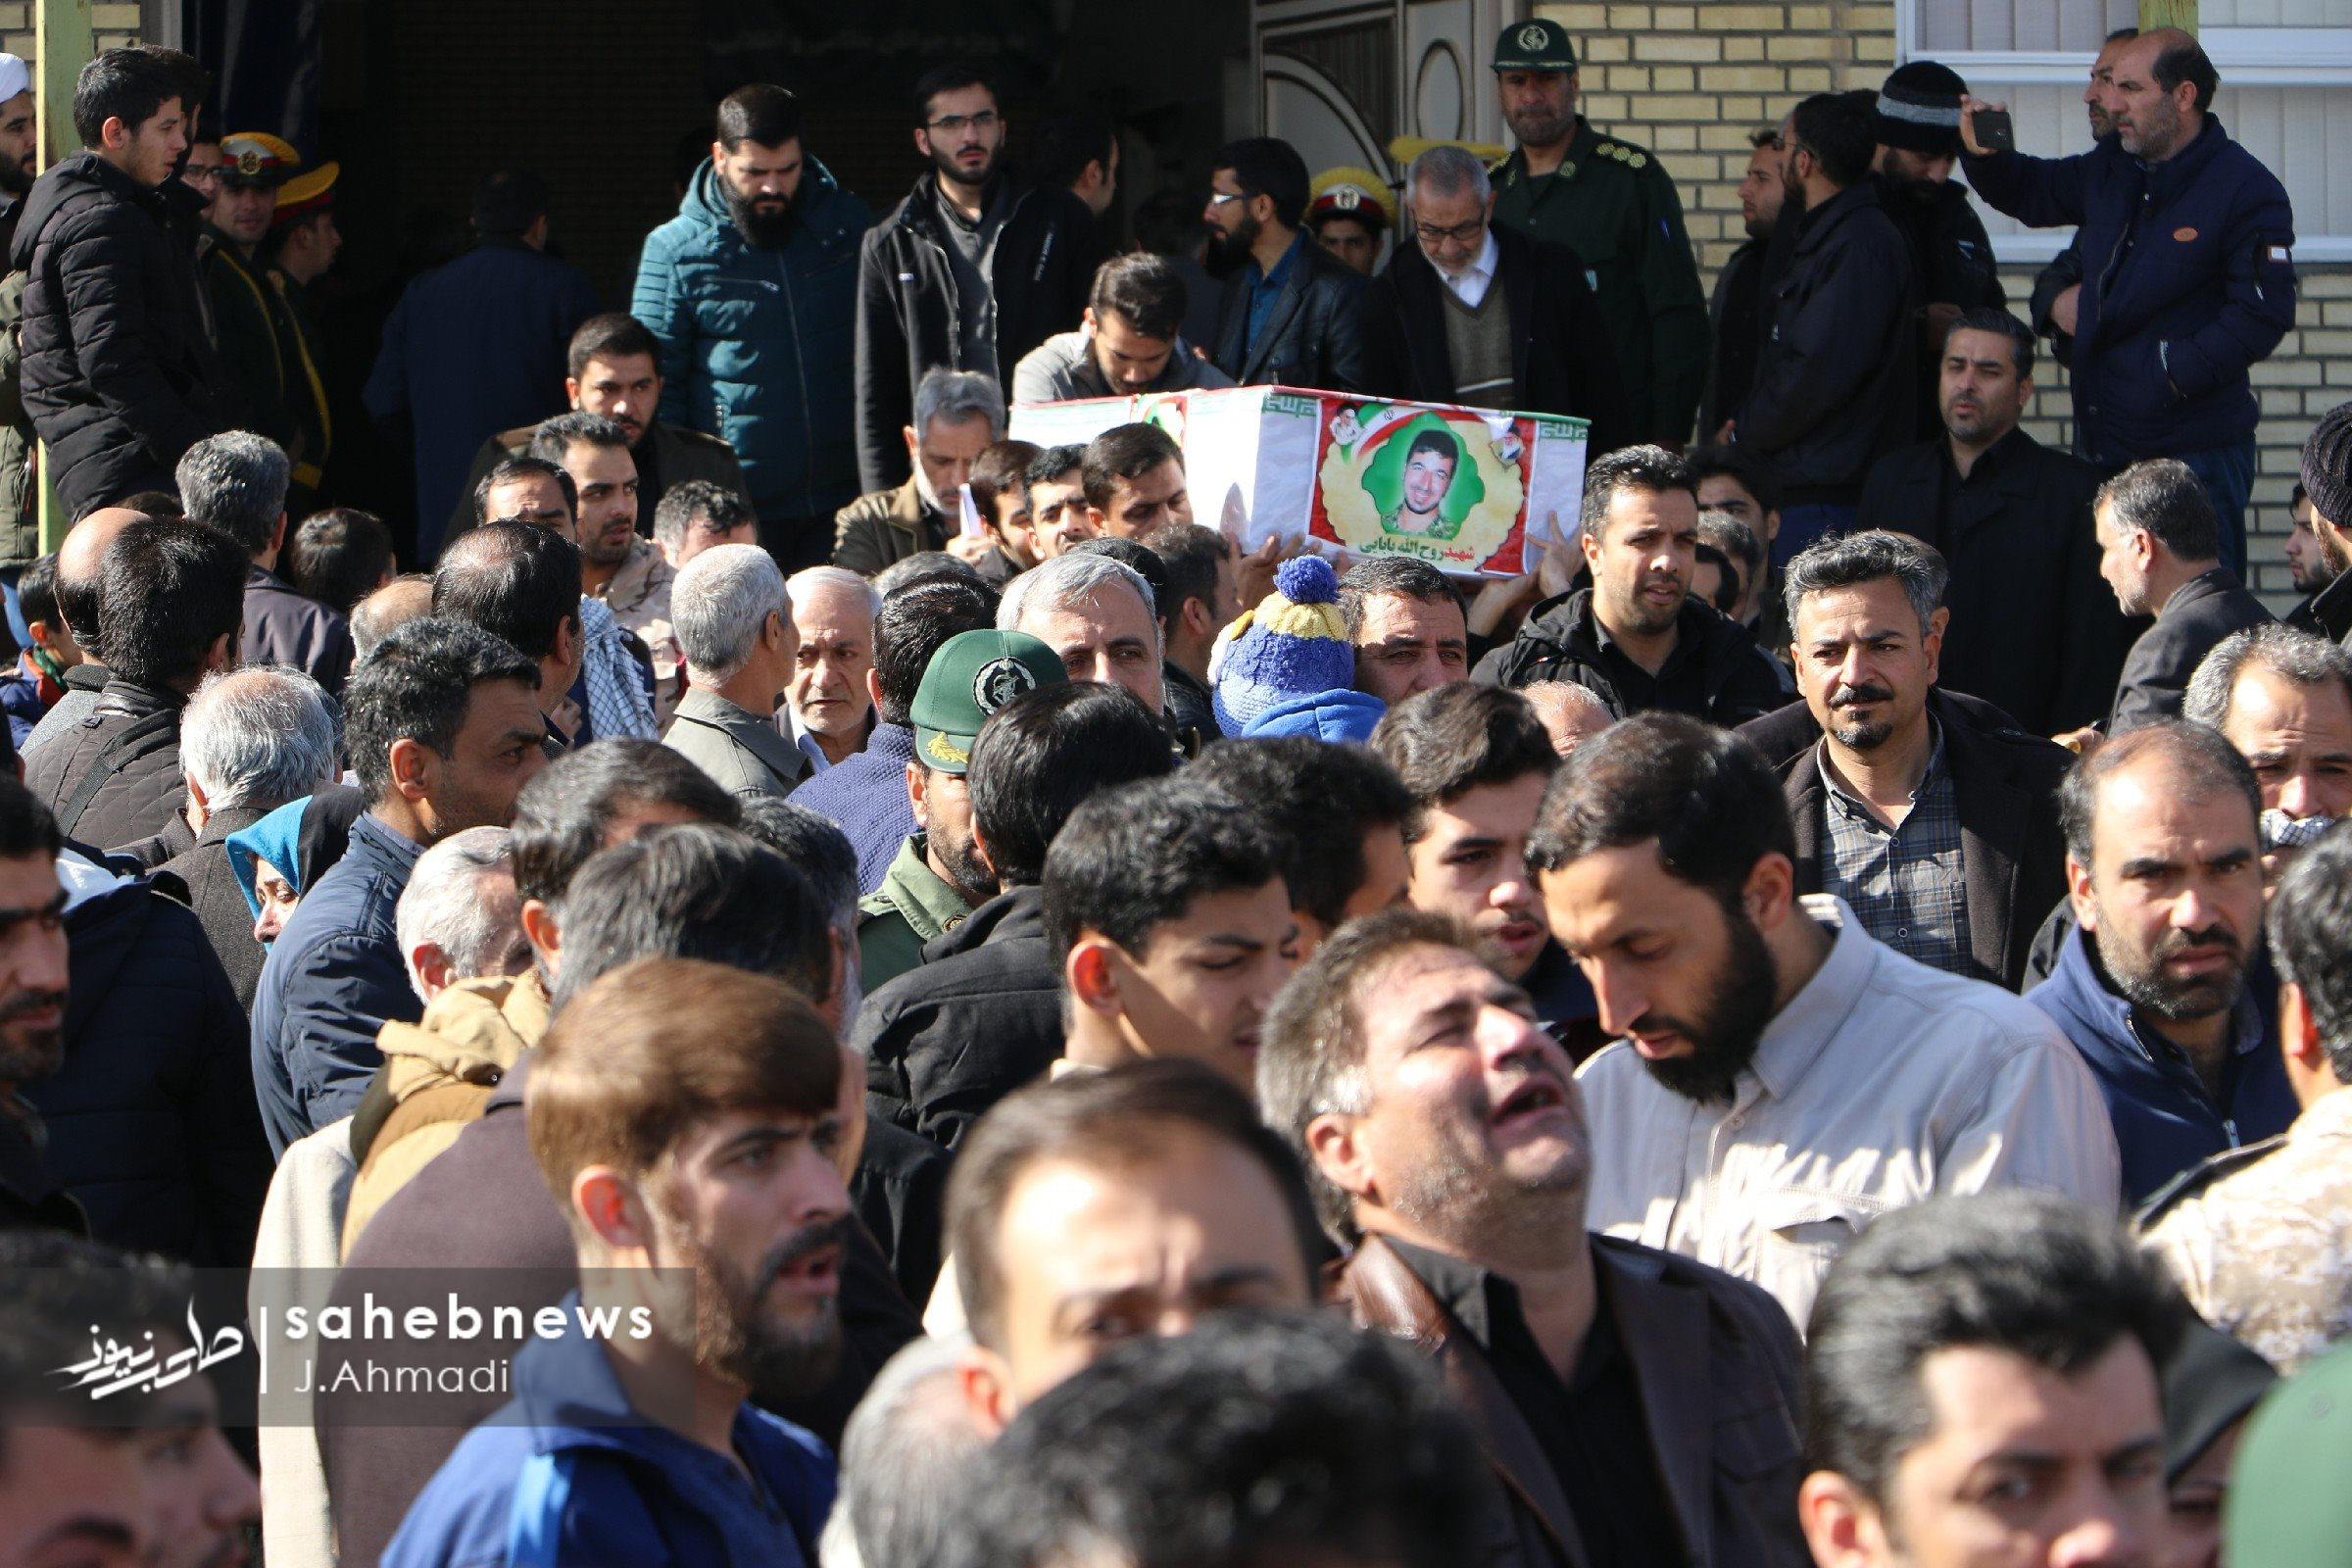 27 شهید حادثه تروریستی اصفهان (21)